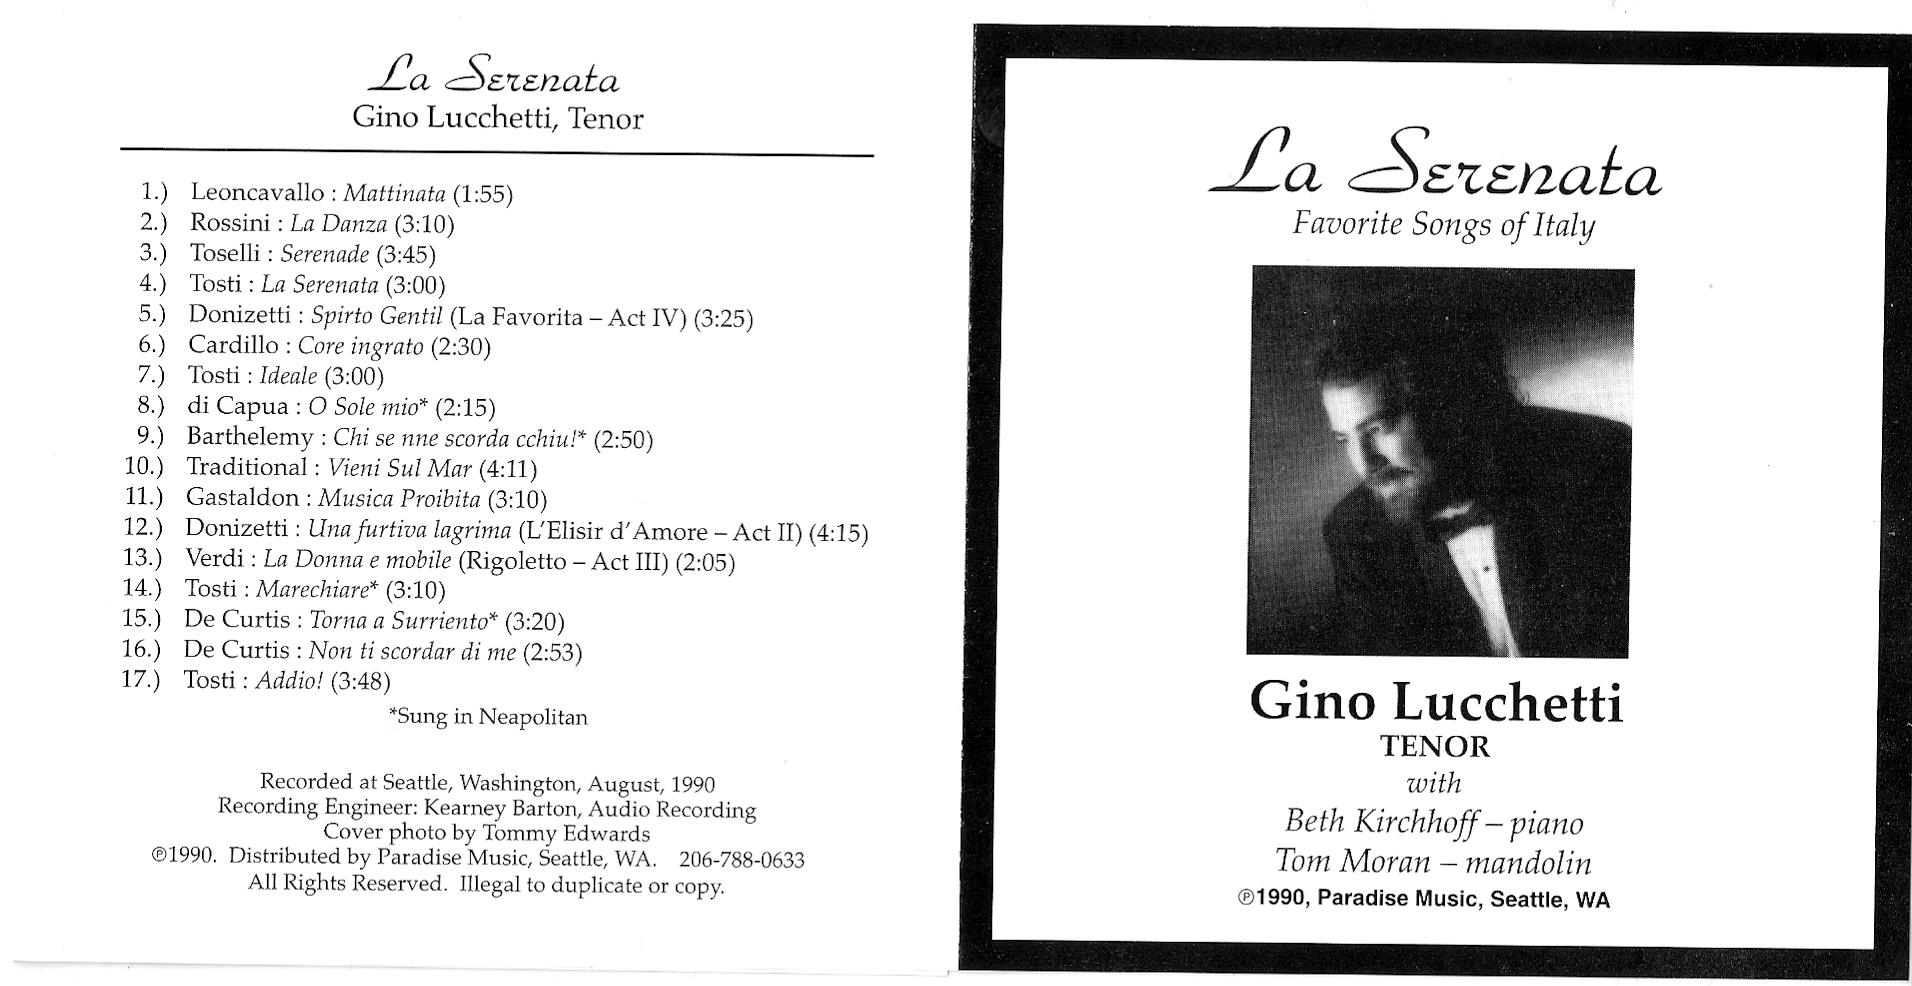 La Serenata - Gino Lucchetti - Tenor